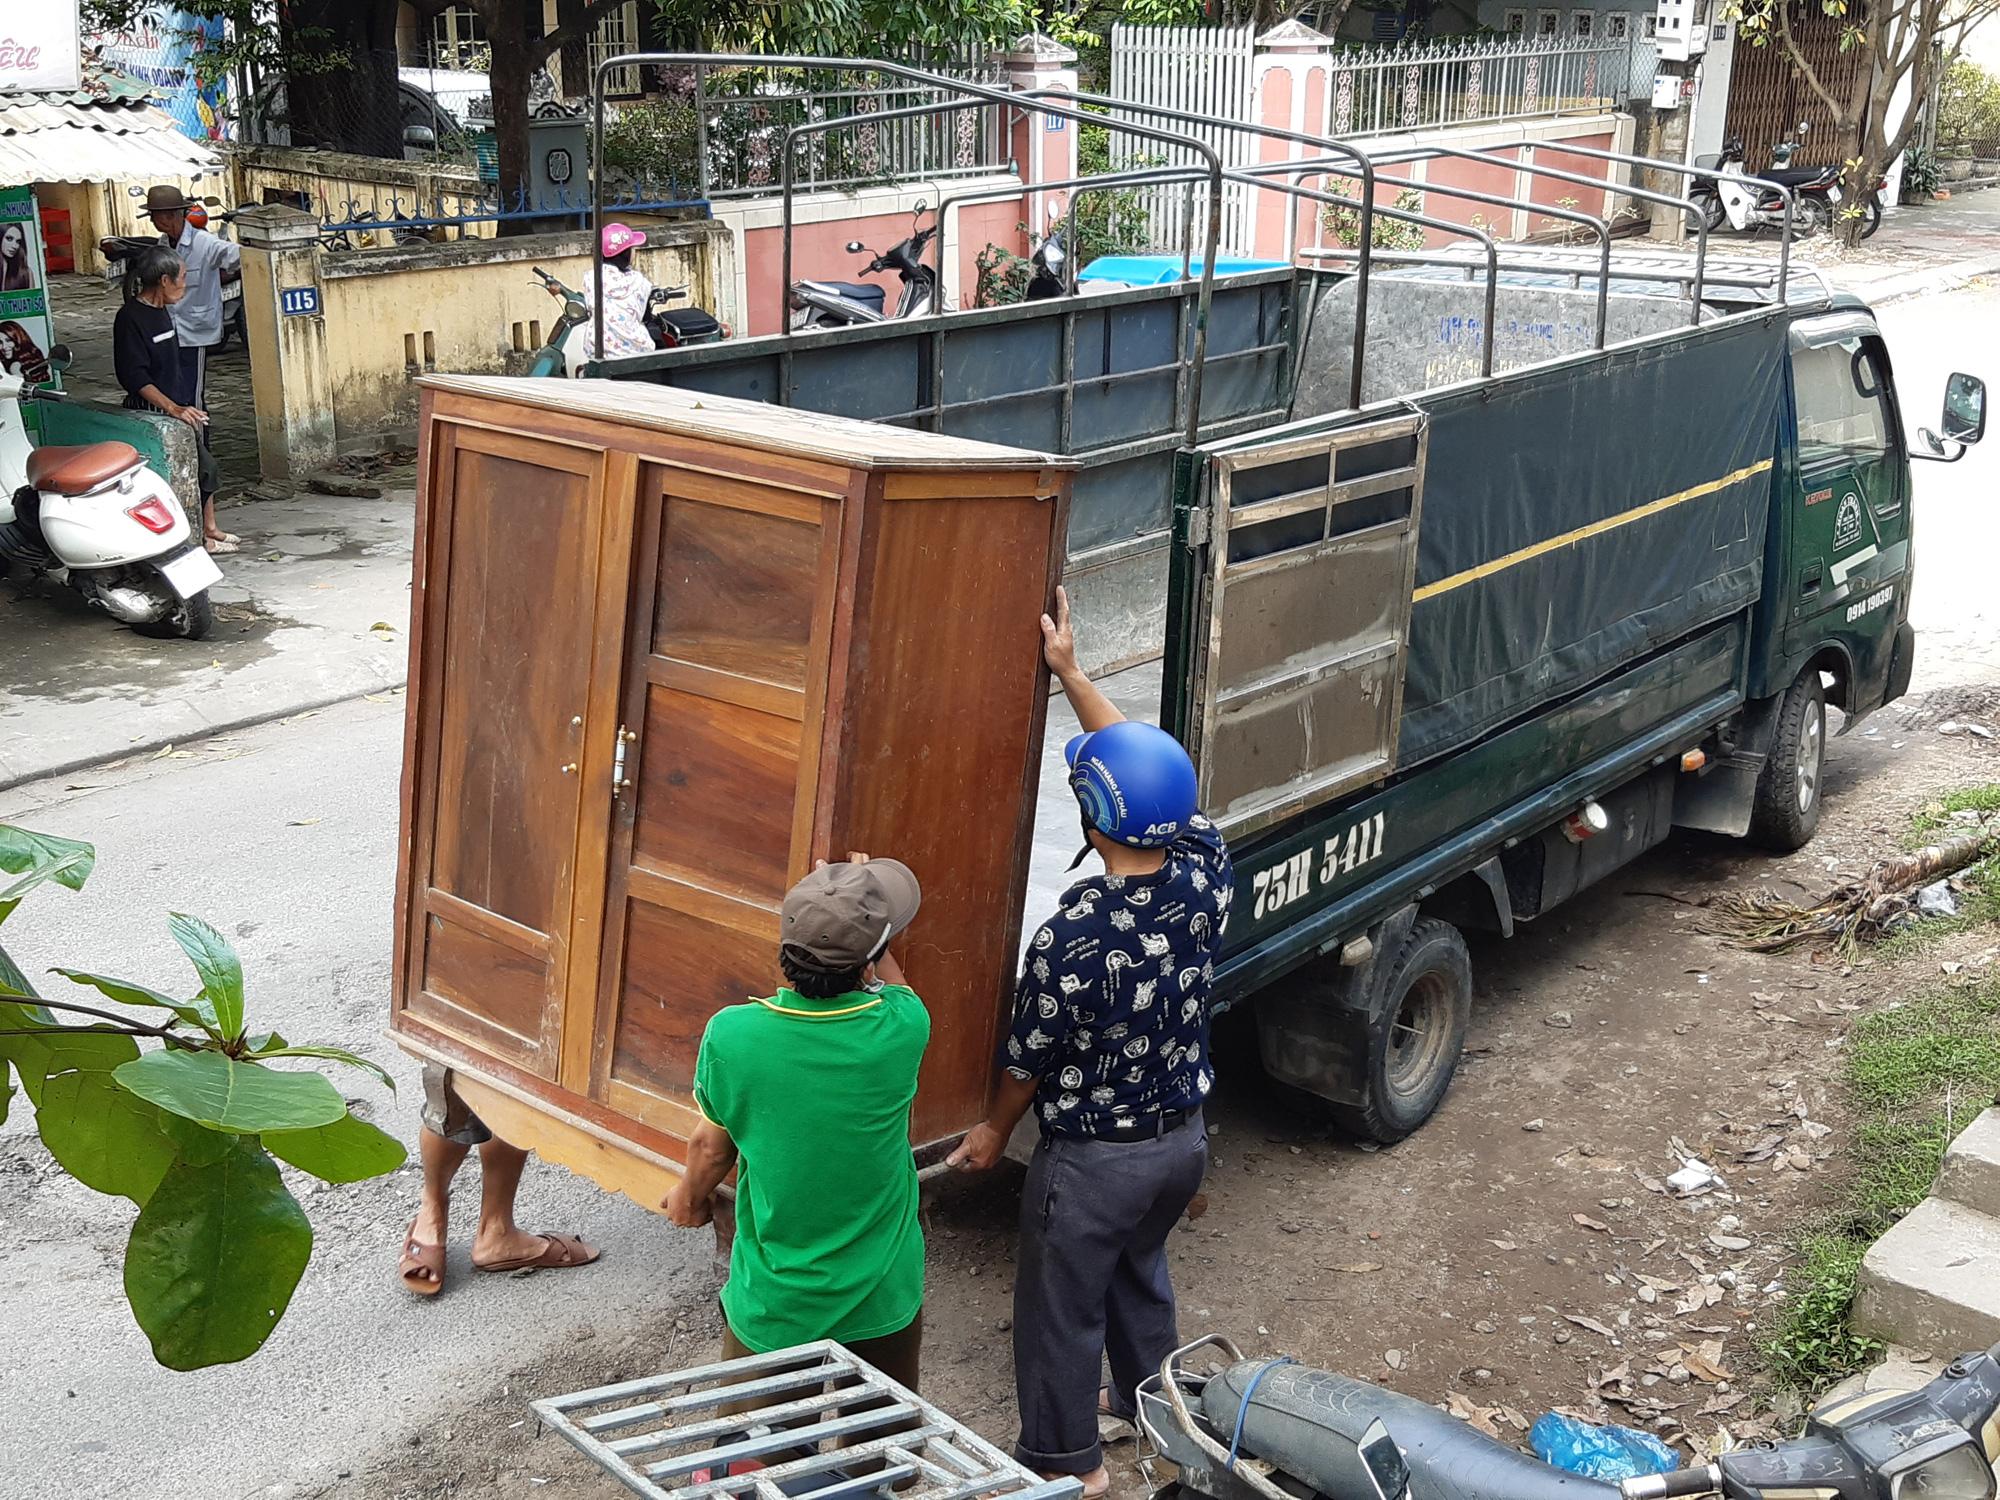 Thừa Thiên - Huế: Người dân Thượng thành tháo dỡ nhà cửa để chuẩn bị đến nơi ở mới - Ảnh 9.